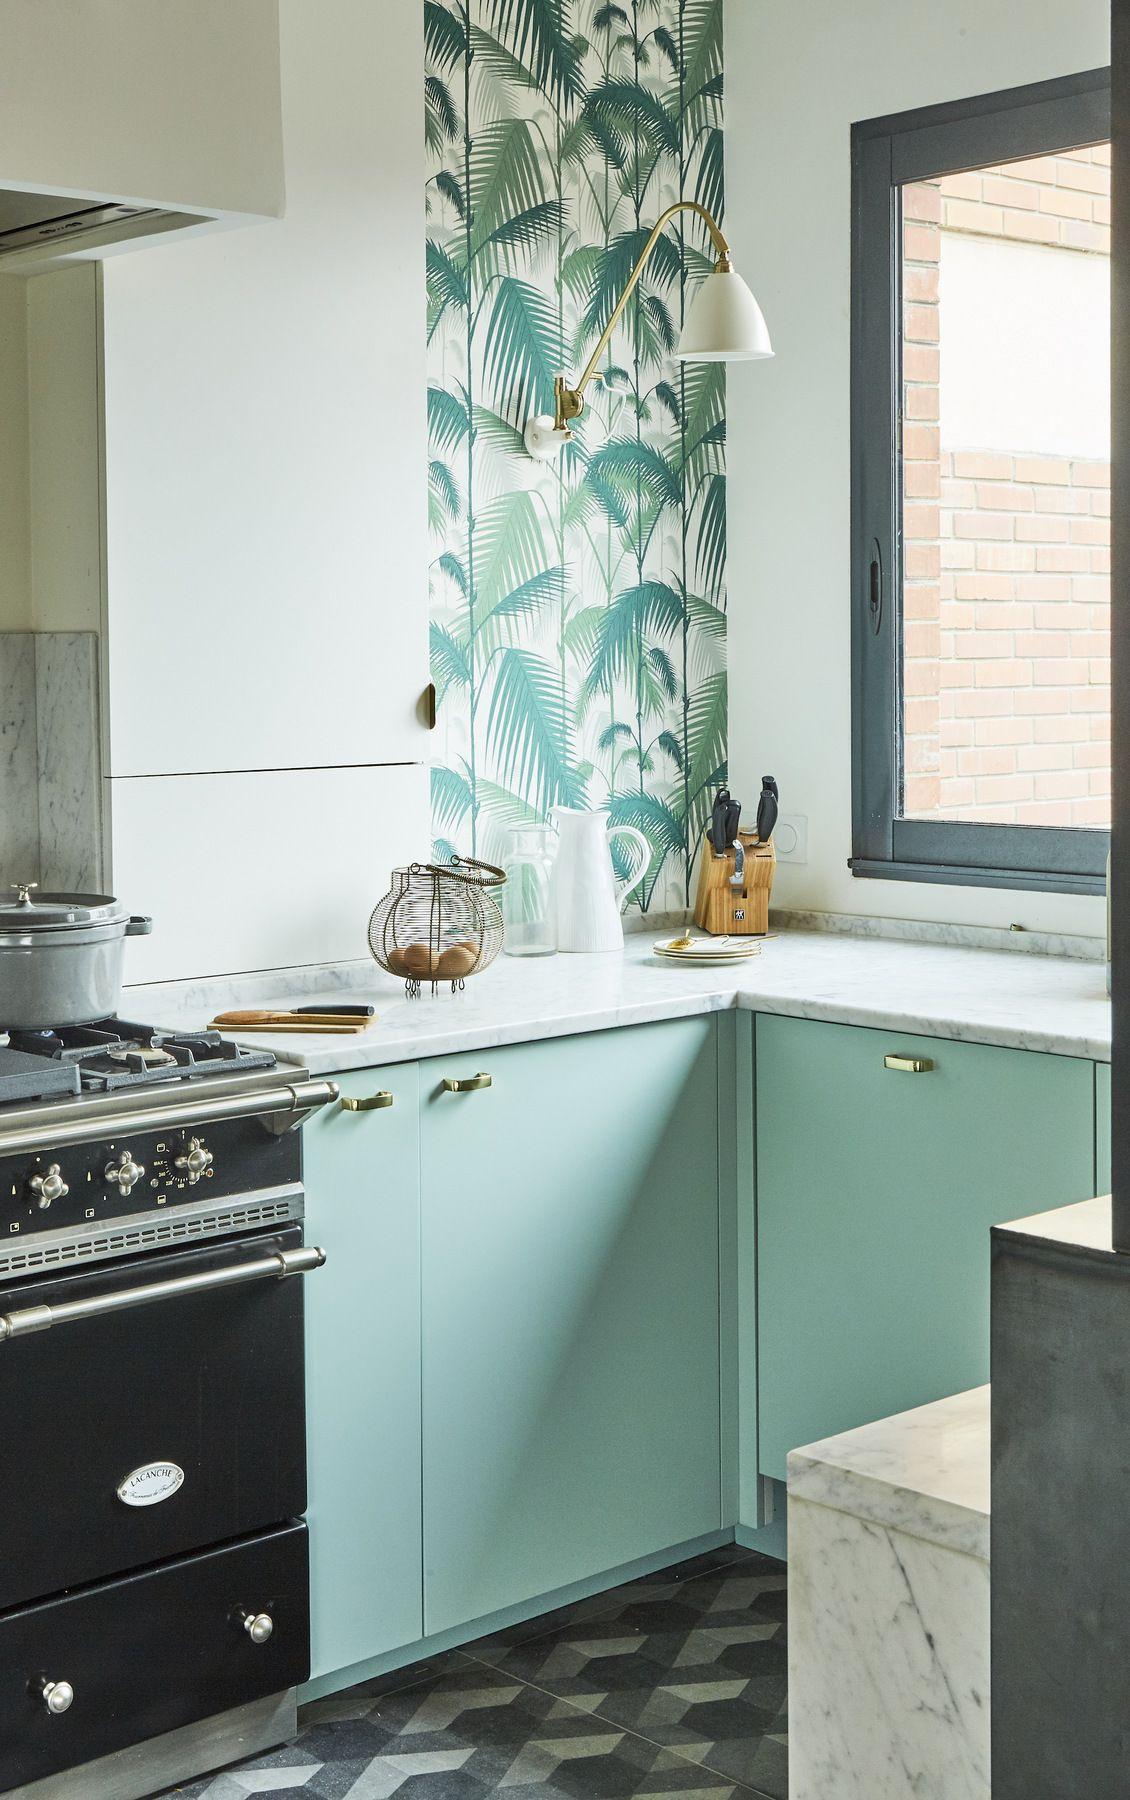 Une maison parisienne inspir e par les ann es 30 kitchen maison parisienne r novation - Maison parisienne ...